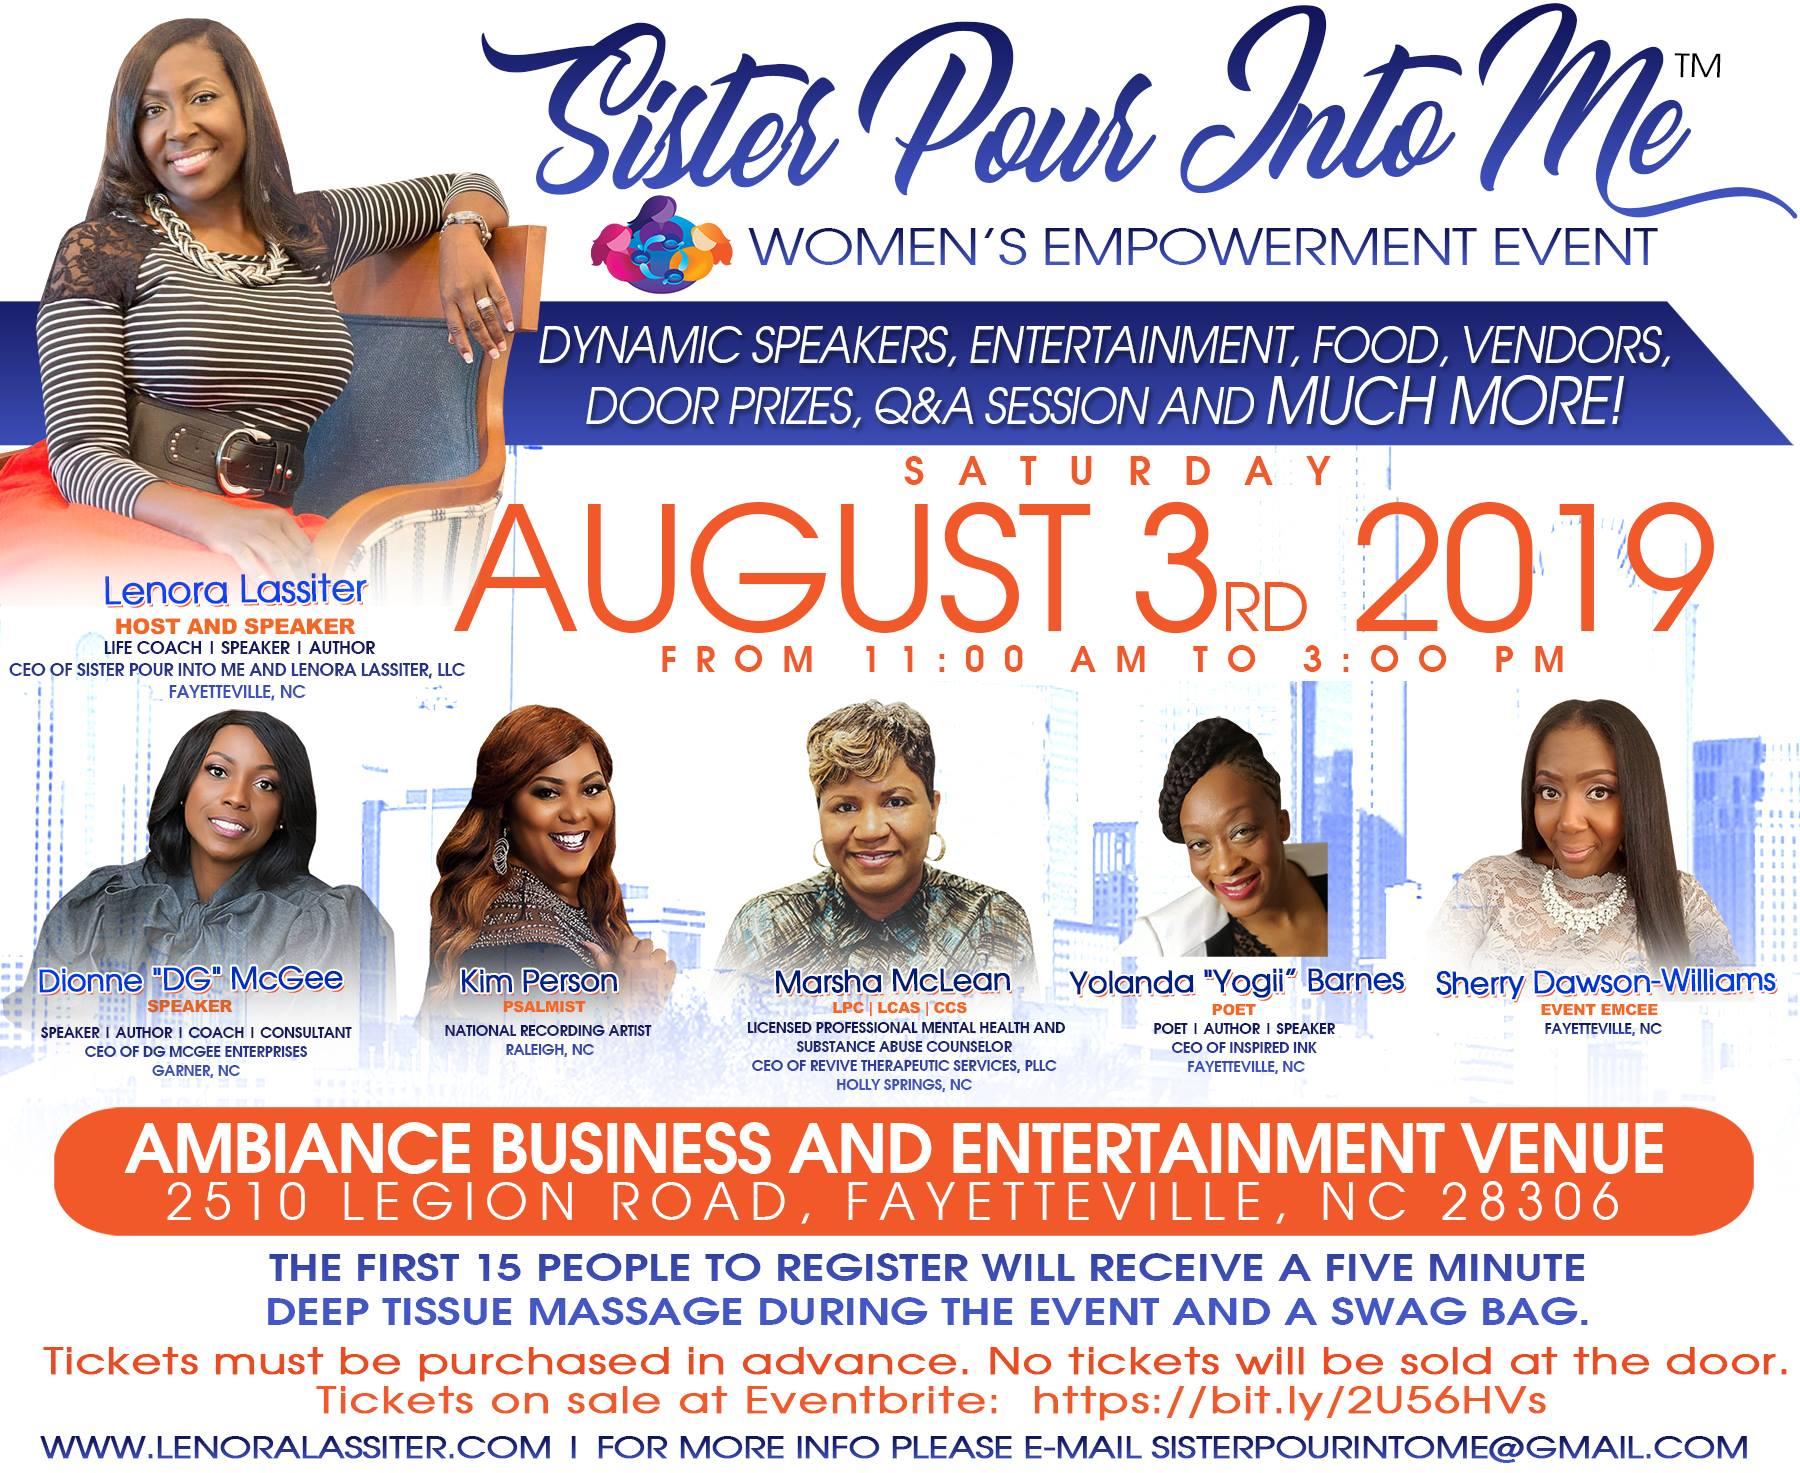 spim2019 - Women's Empowerment 2020 Raleigh Vendor Application